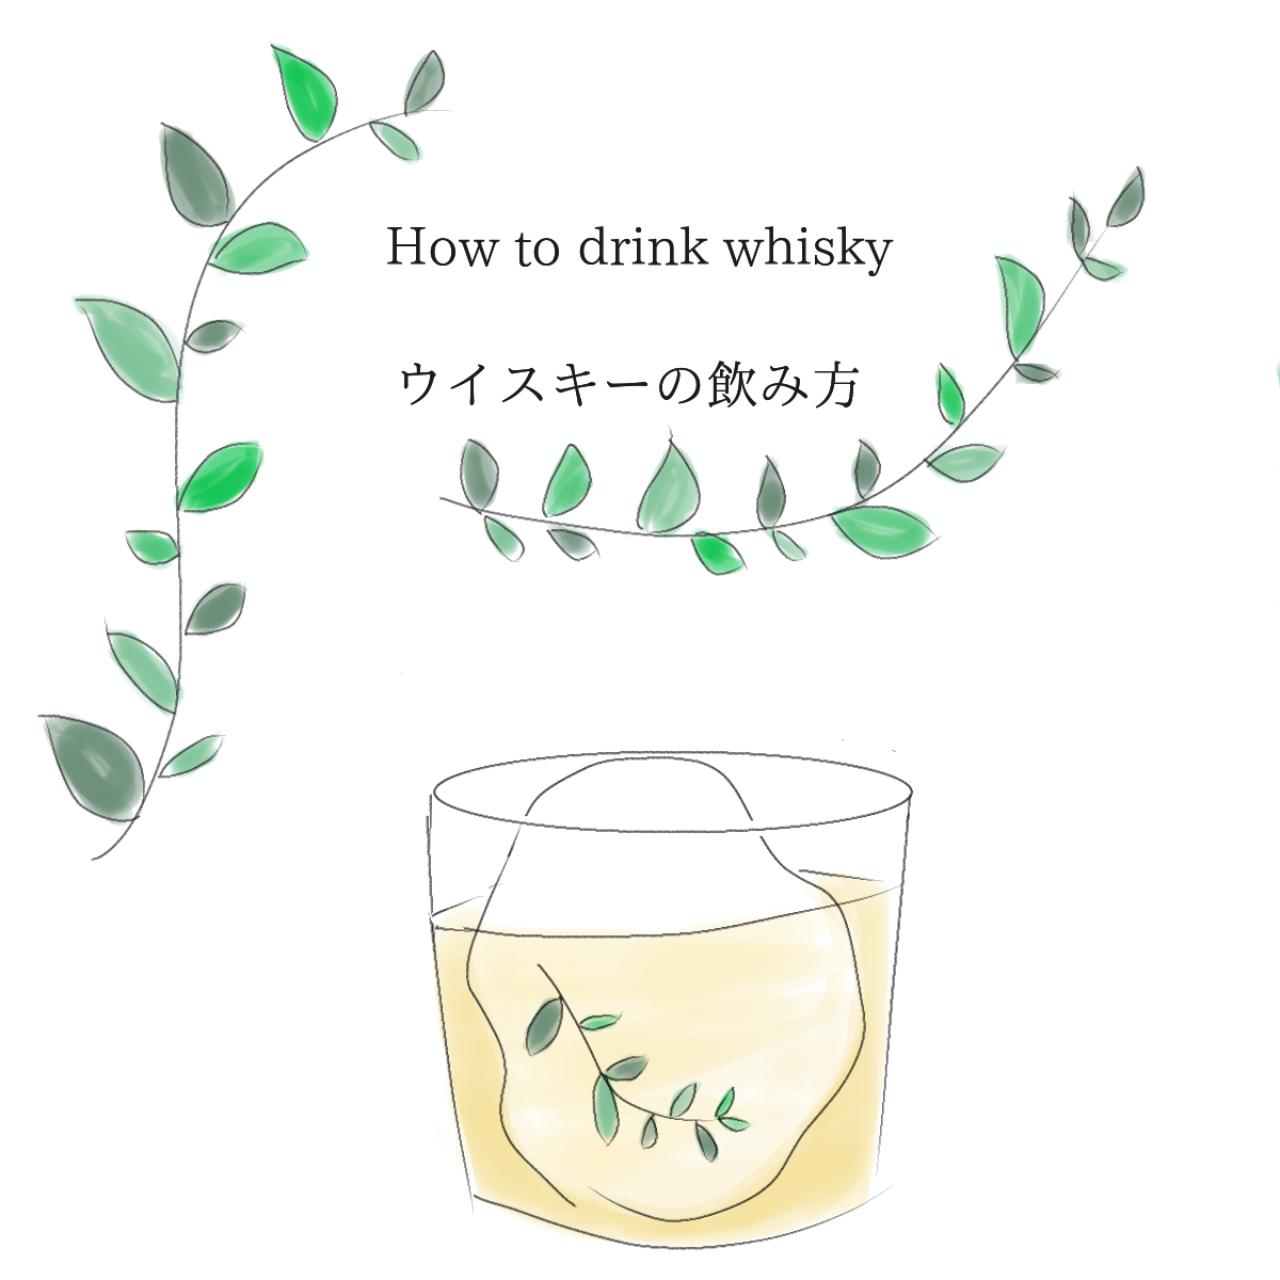 飲み 方 ウィスキー ウイスキーをストレートで味わう時はショットグラスに注いで、〇〇が必須|たのしいお酒.jp